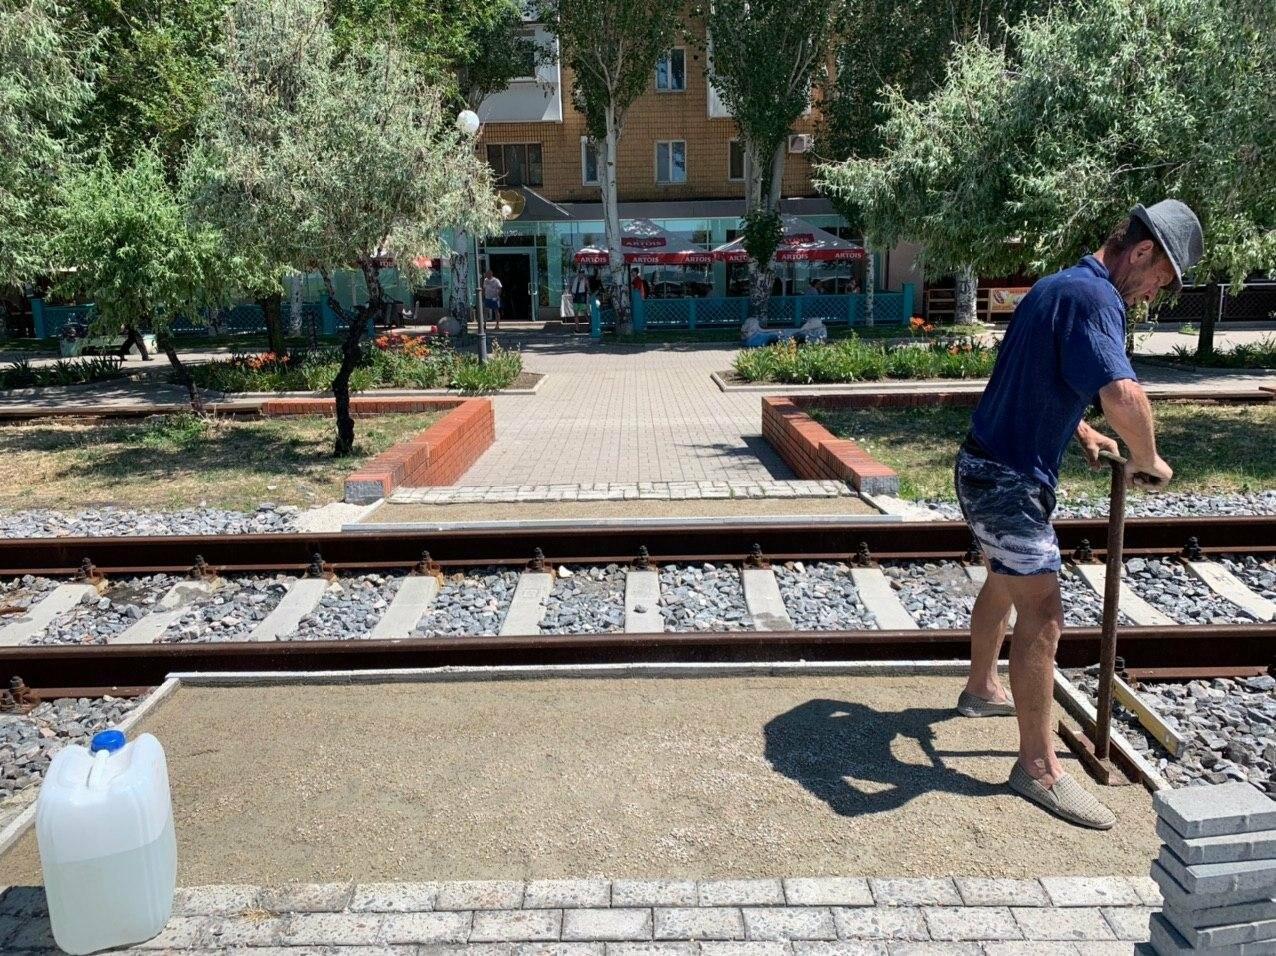 На набережной Бердянска стартовали работы по укладке пешеходных переходов через рельсы, - ФОТО, фото-7